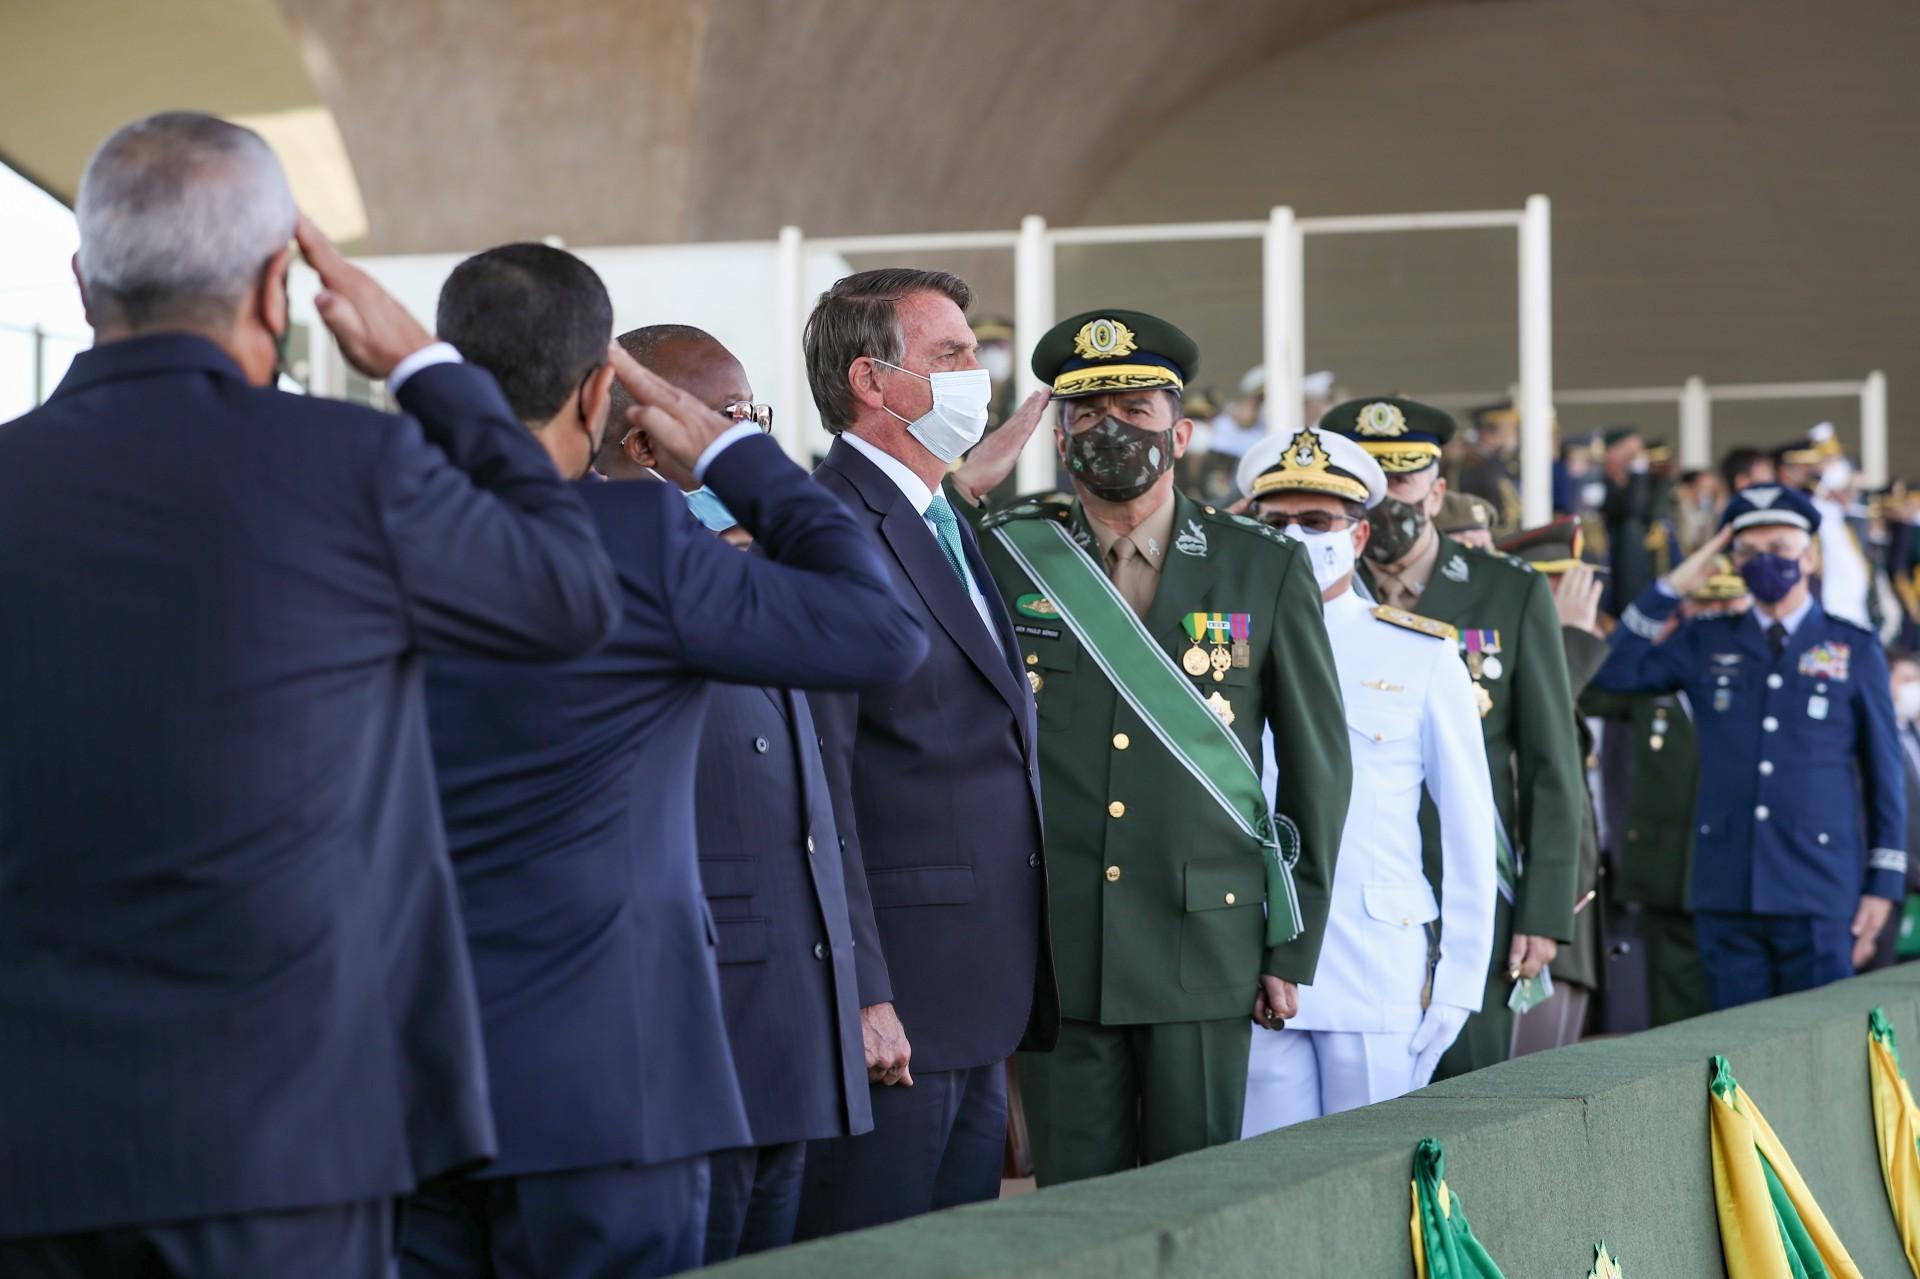 (Brasília - DF, 25/08/2021) Cerimônia do Dia do Soldado, com a imposição de condecorações. Foto: Marcos Corrêa/Presidência da República (Foto: Marcos Corrêa/Presidência da República)